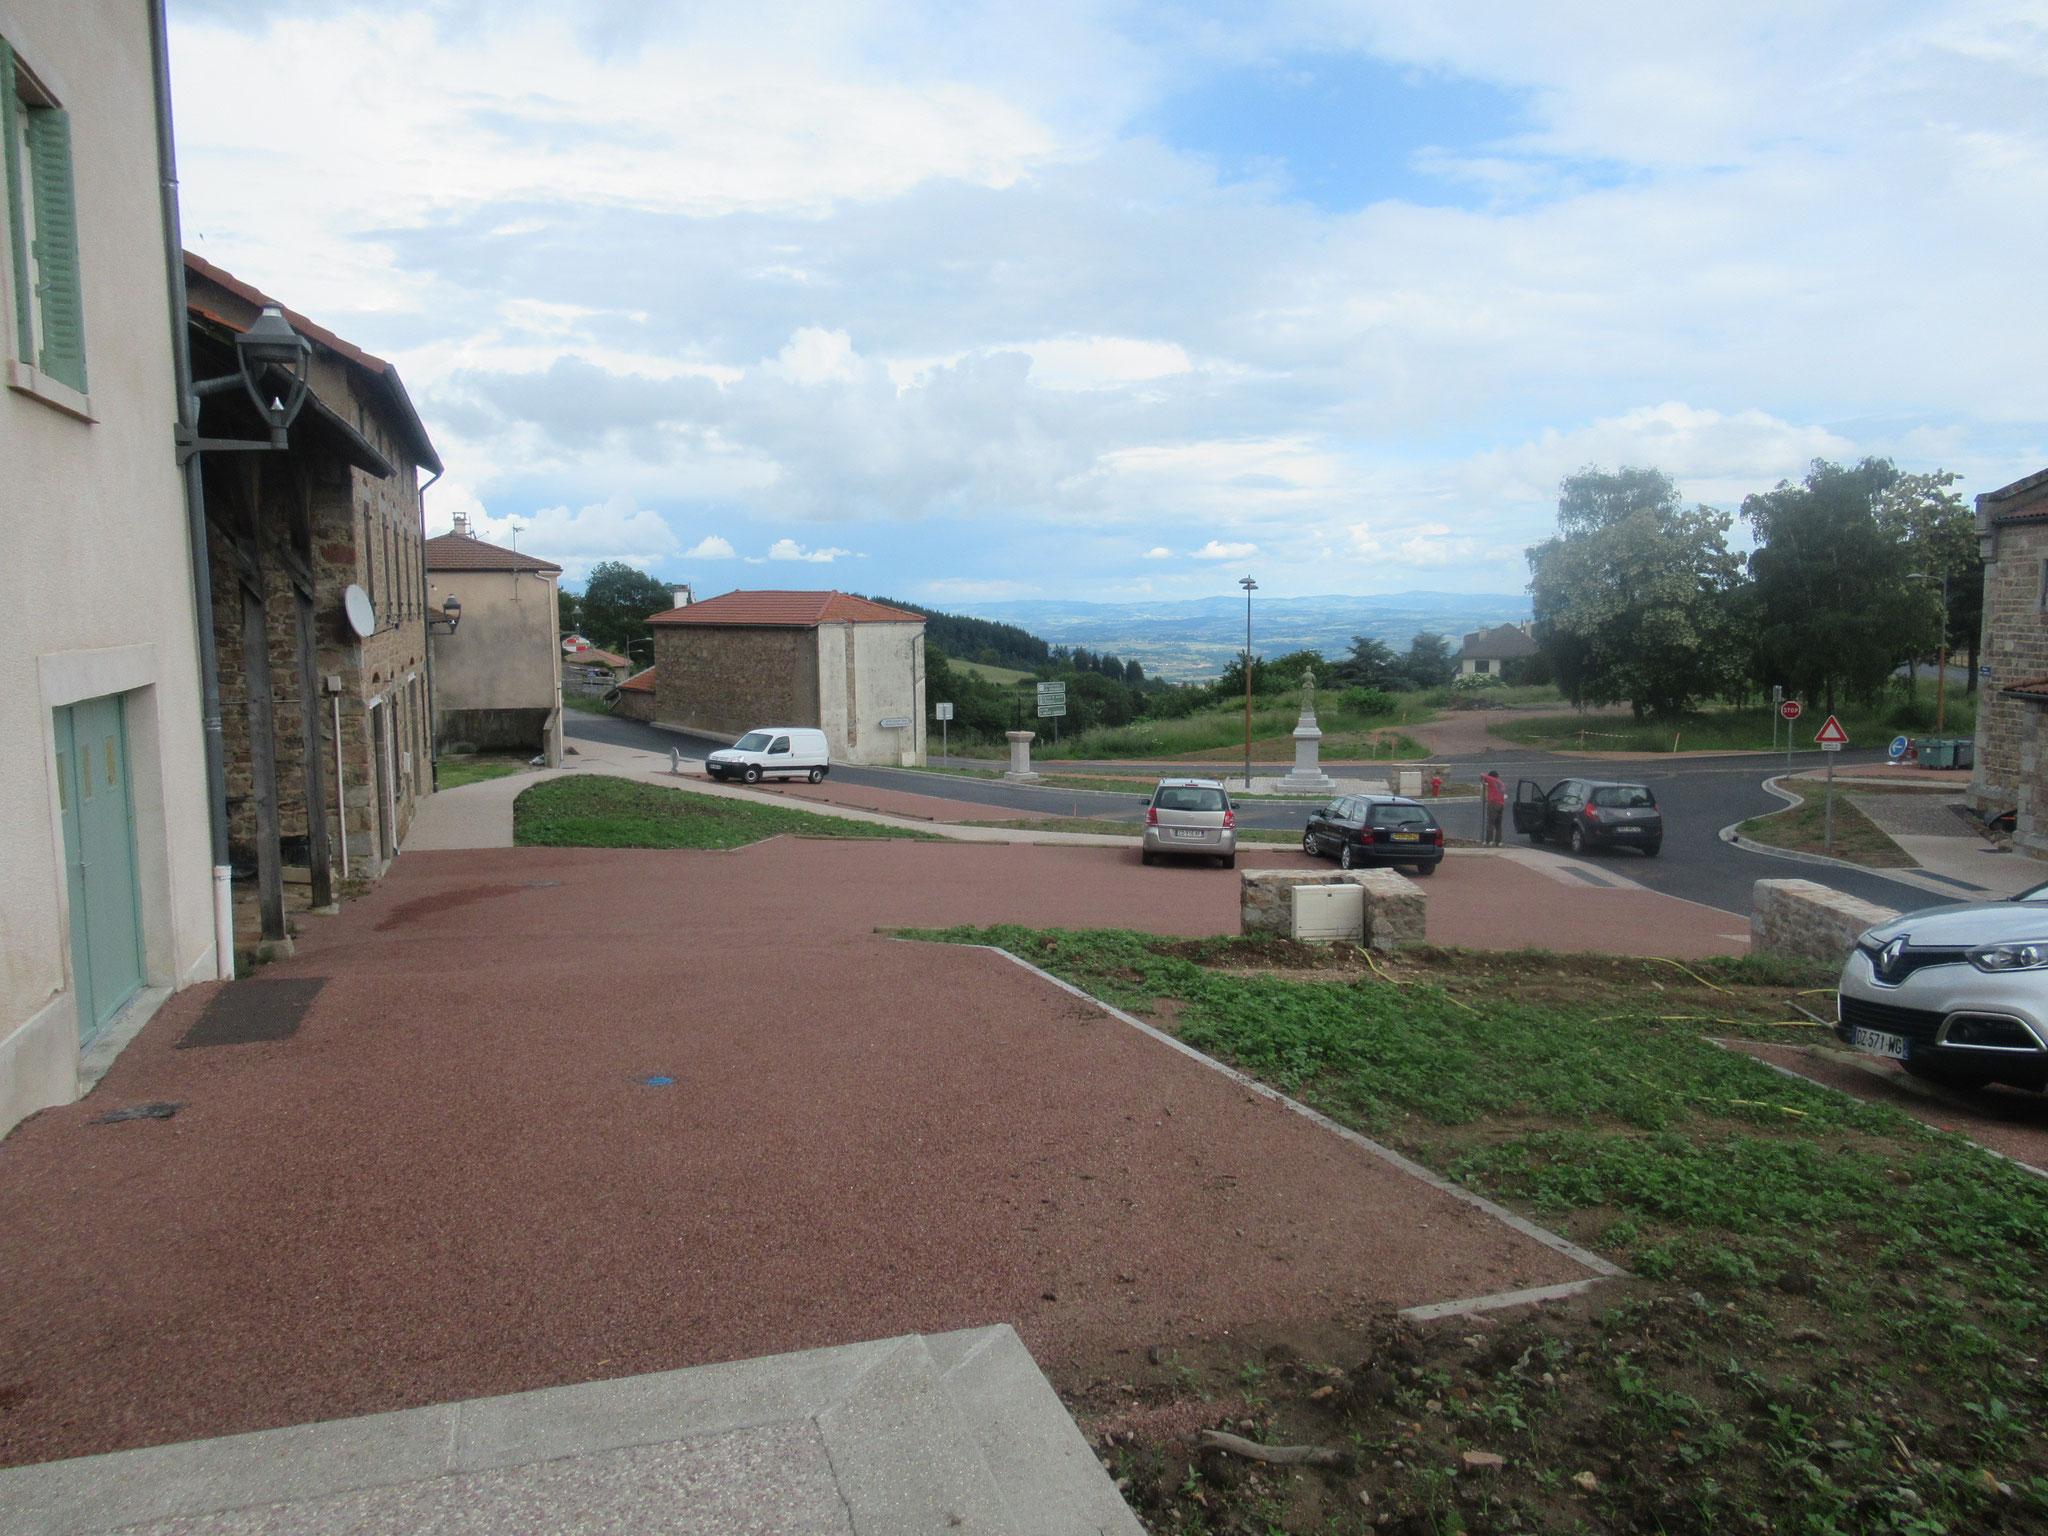 parkings en bicouche rose pour conserver l'image rurale et assurer la fonctionnalité du cœur de bourg